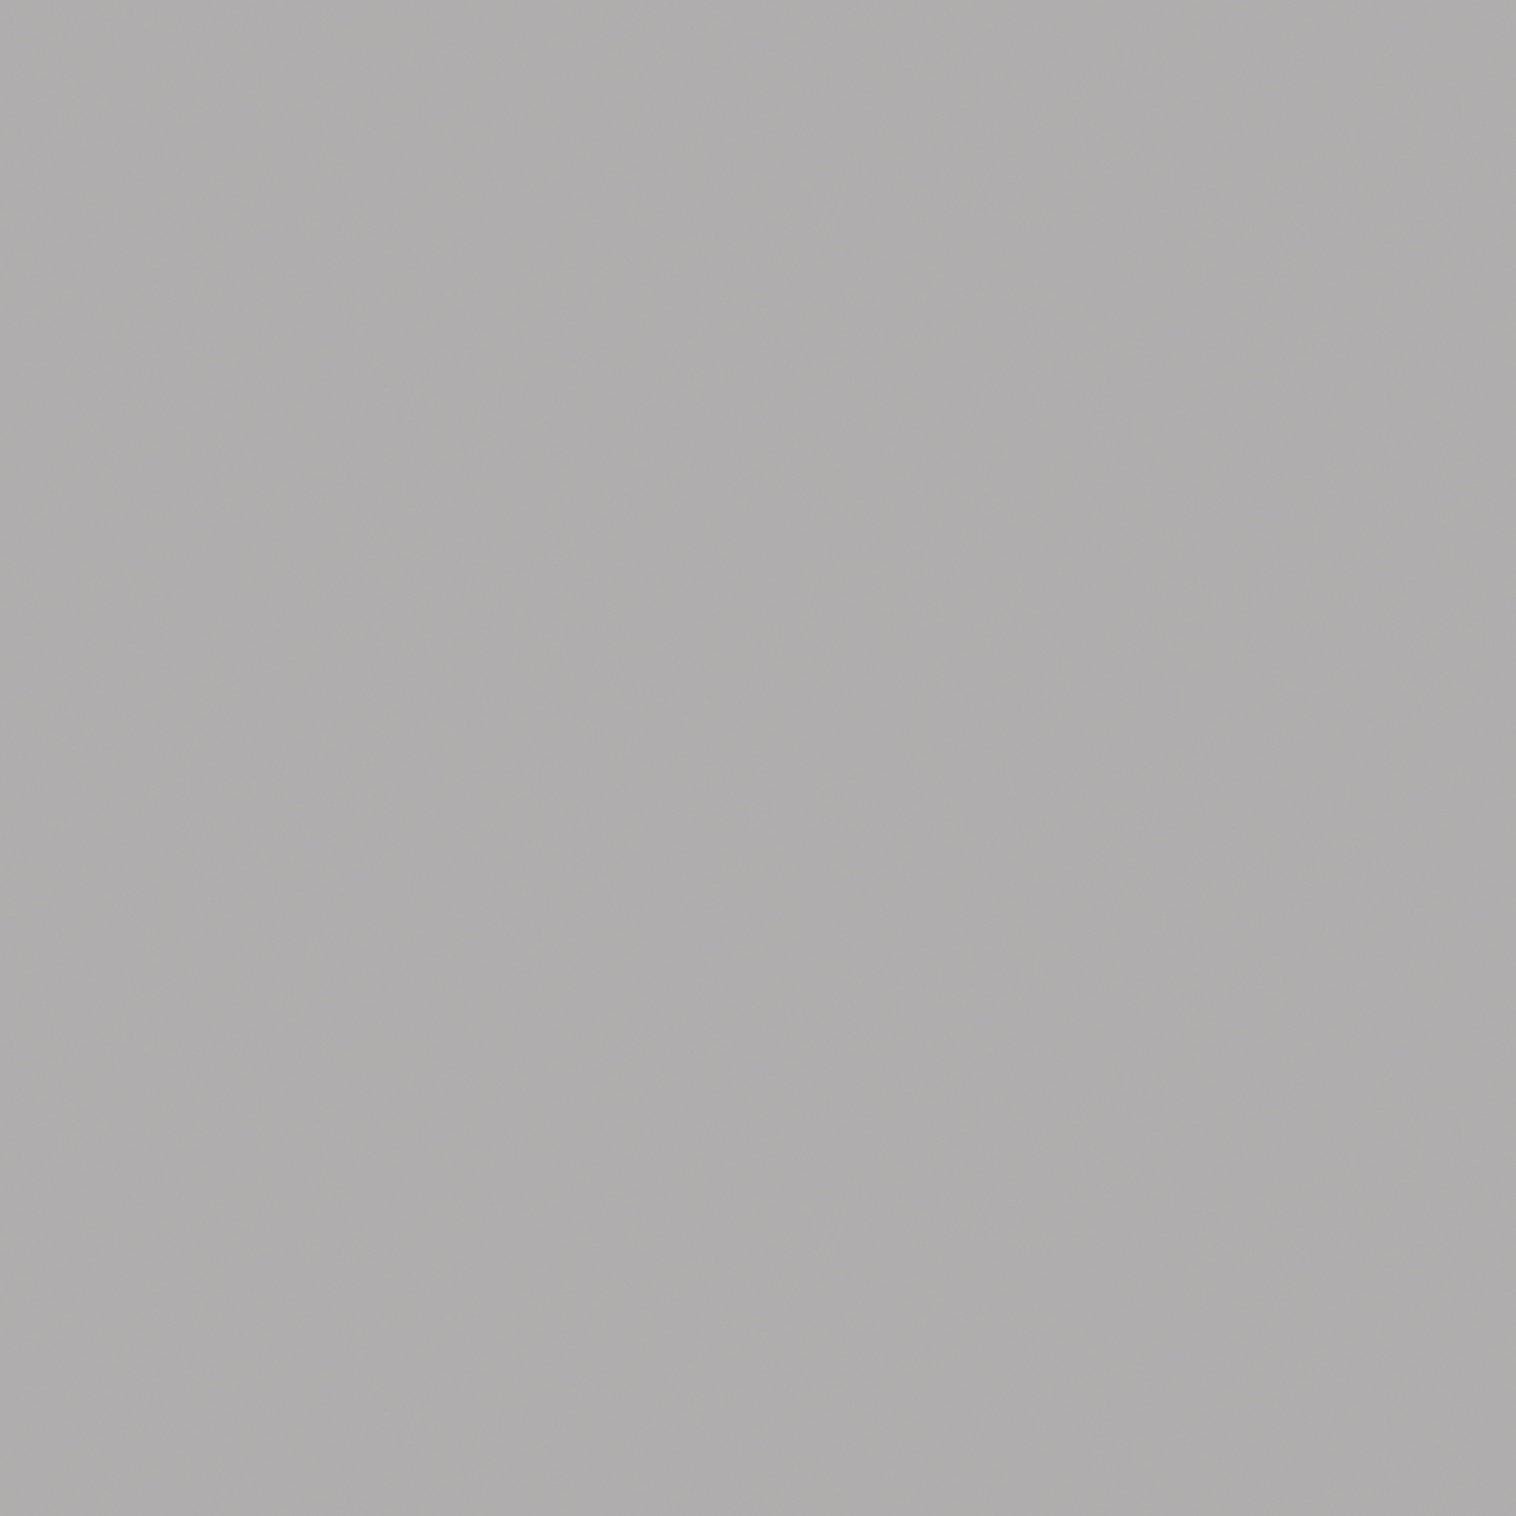 Corian® Silver Gray